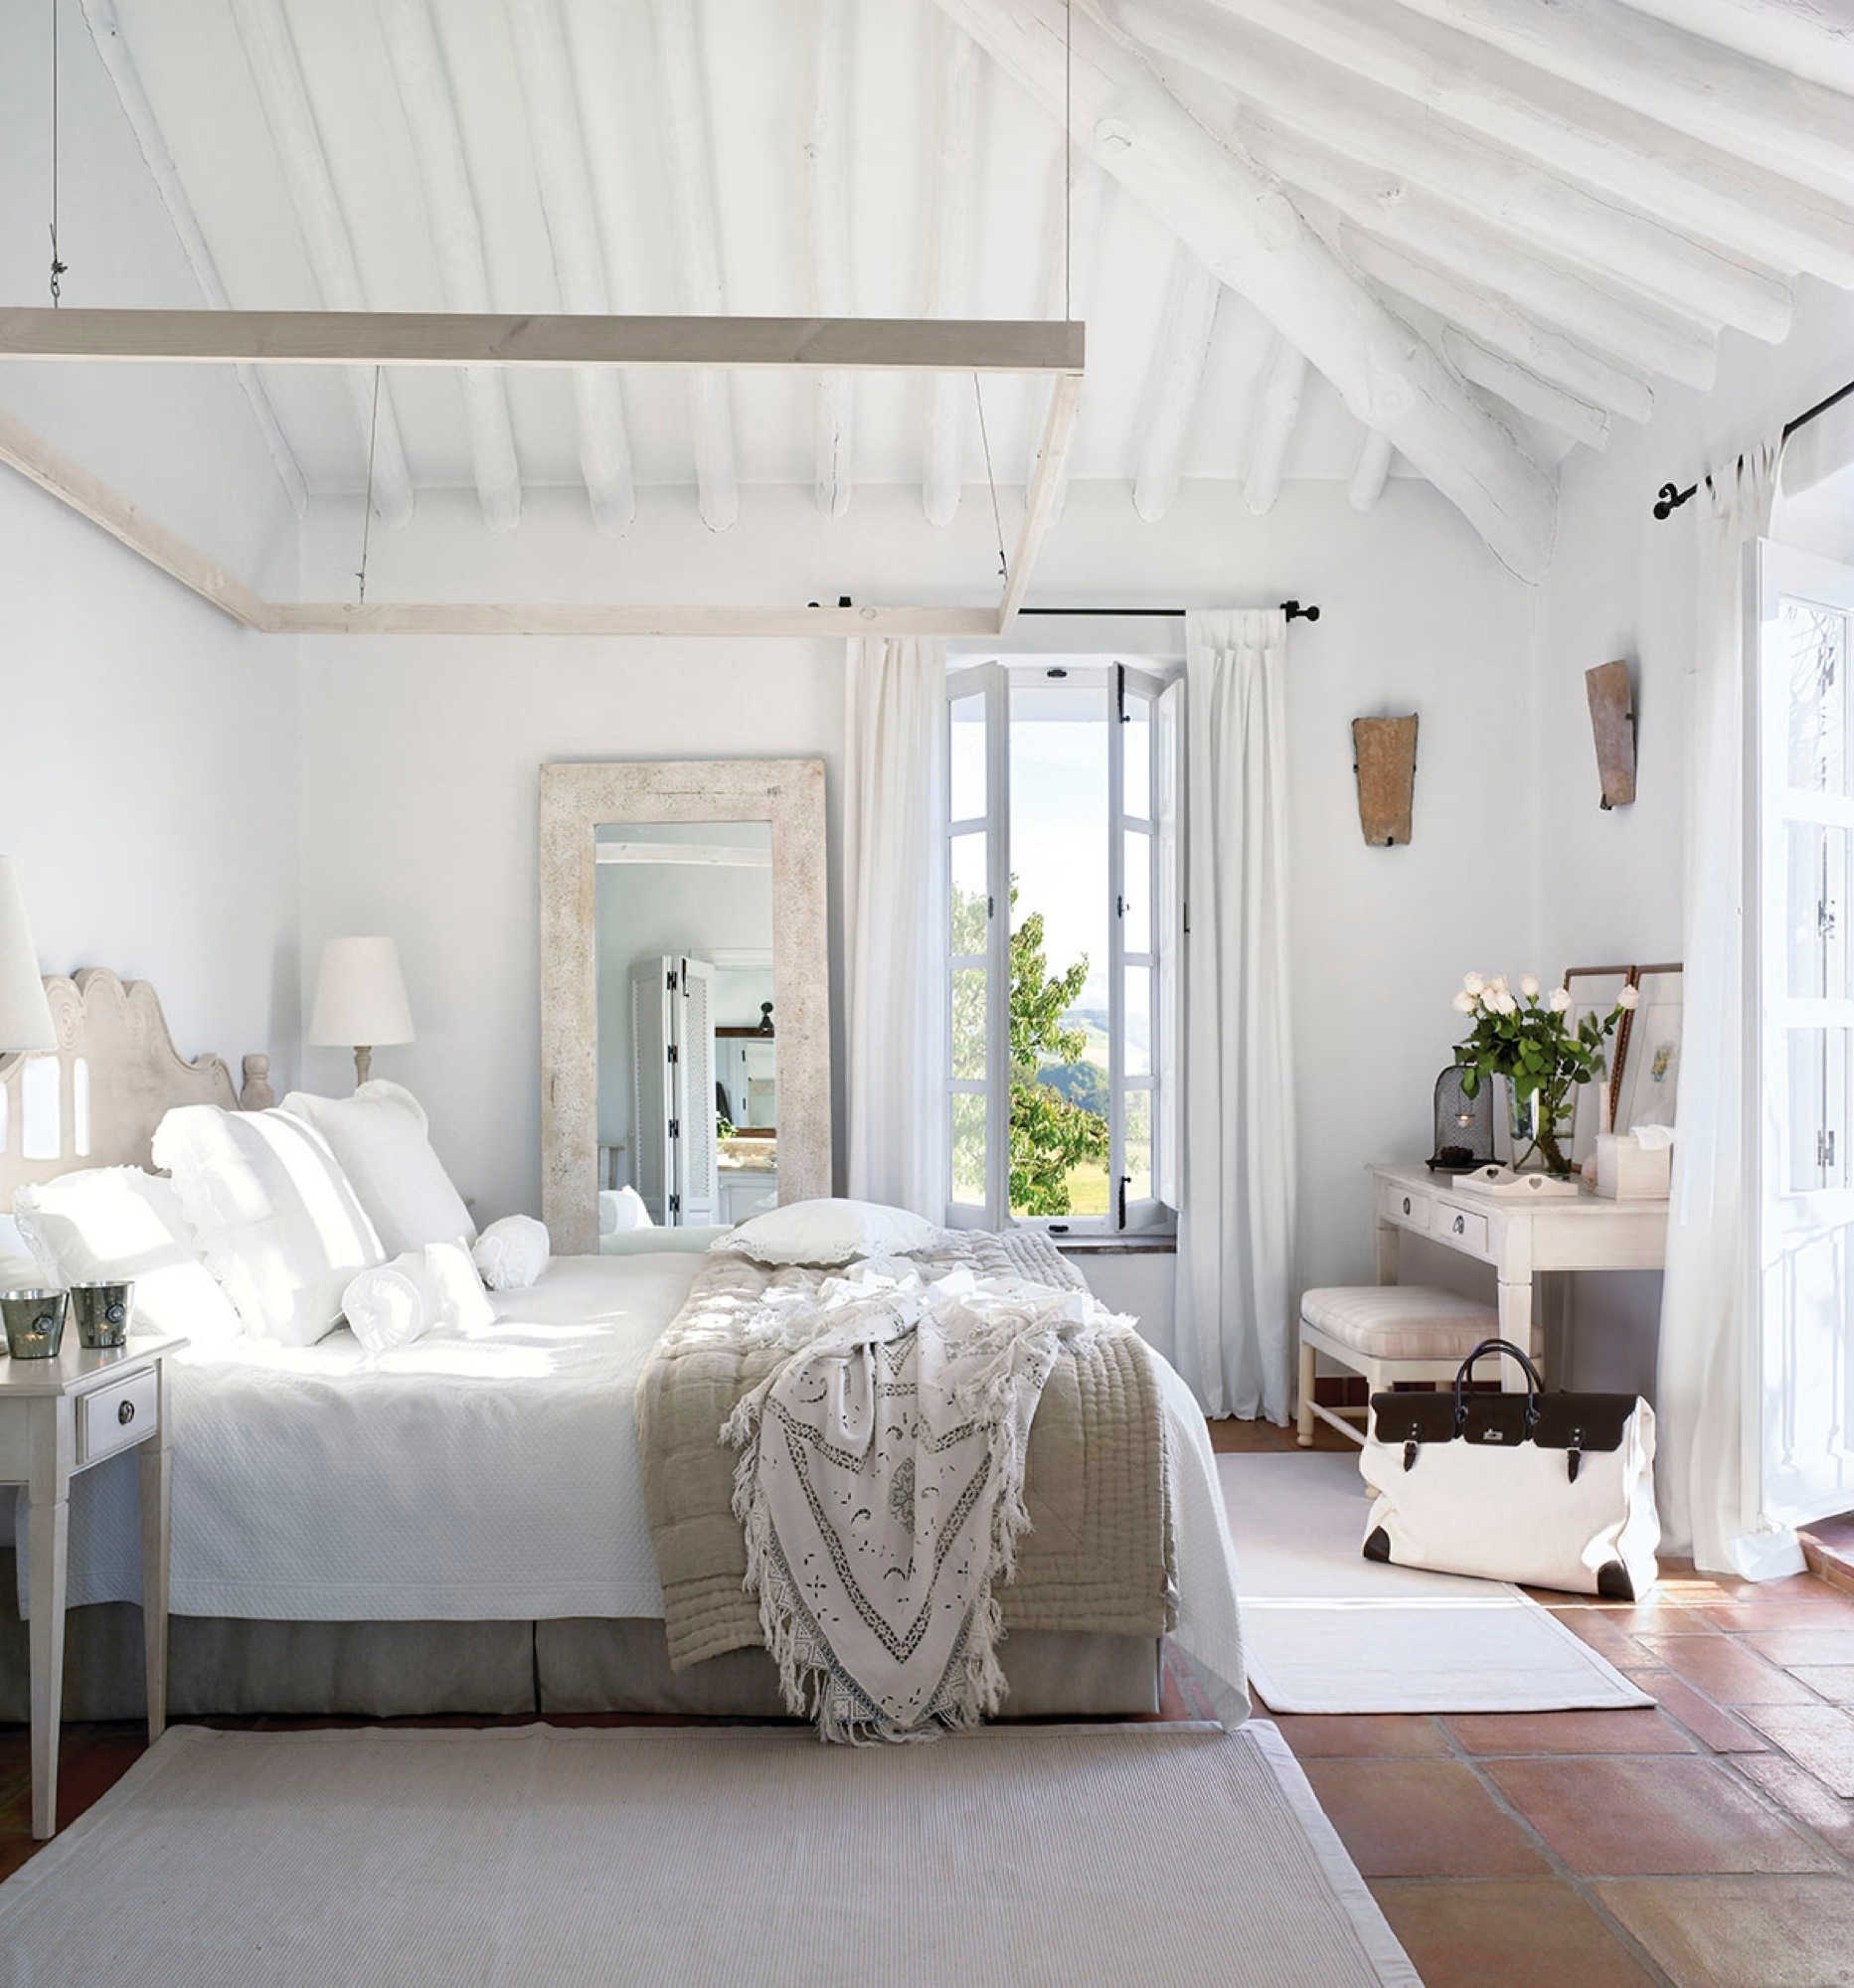 Decorar Dormitorio Rustico Matrimonio : Dormitorios rústicos con mucho encanto